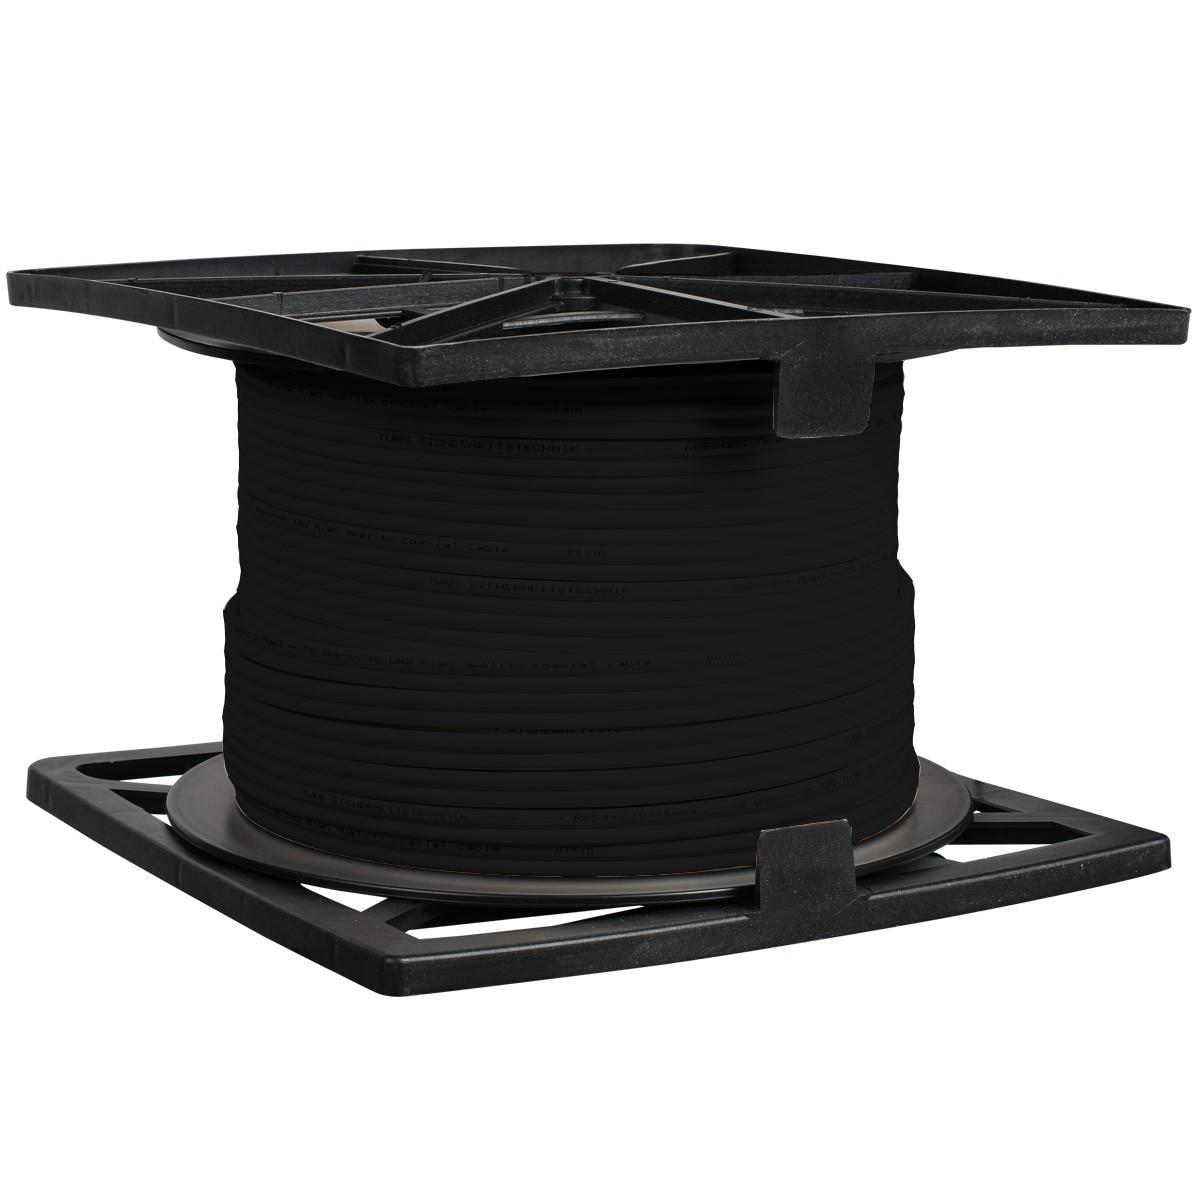 TURM Koax Kombikabel 305m Video/Strom für Videoüberwachung, RG59+2x0,75qmm für Überwachungskameras b